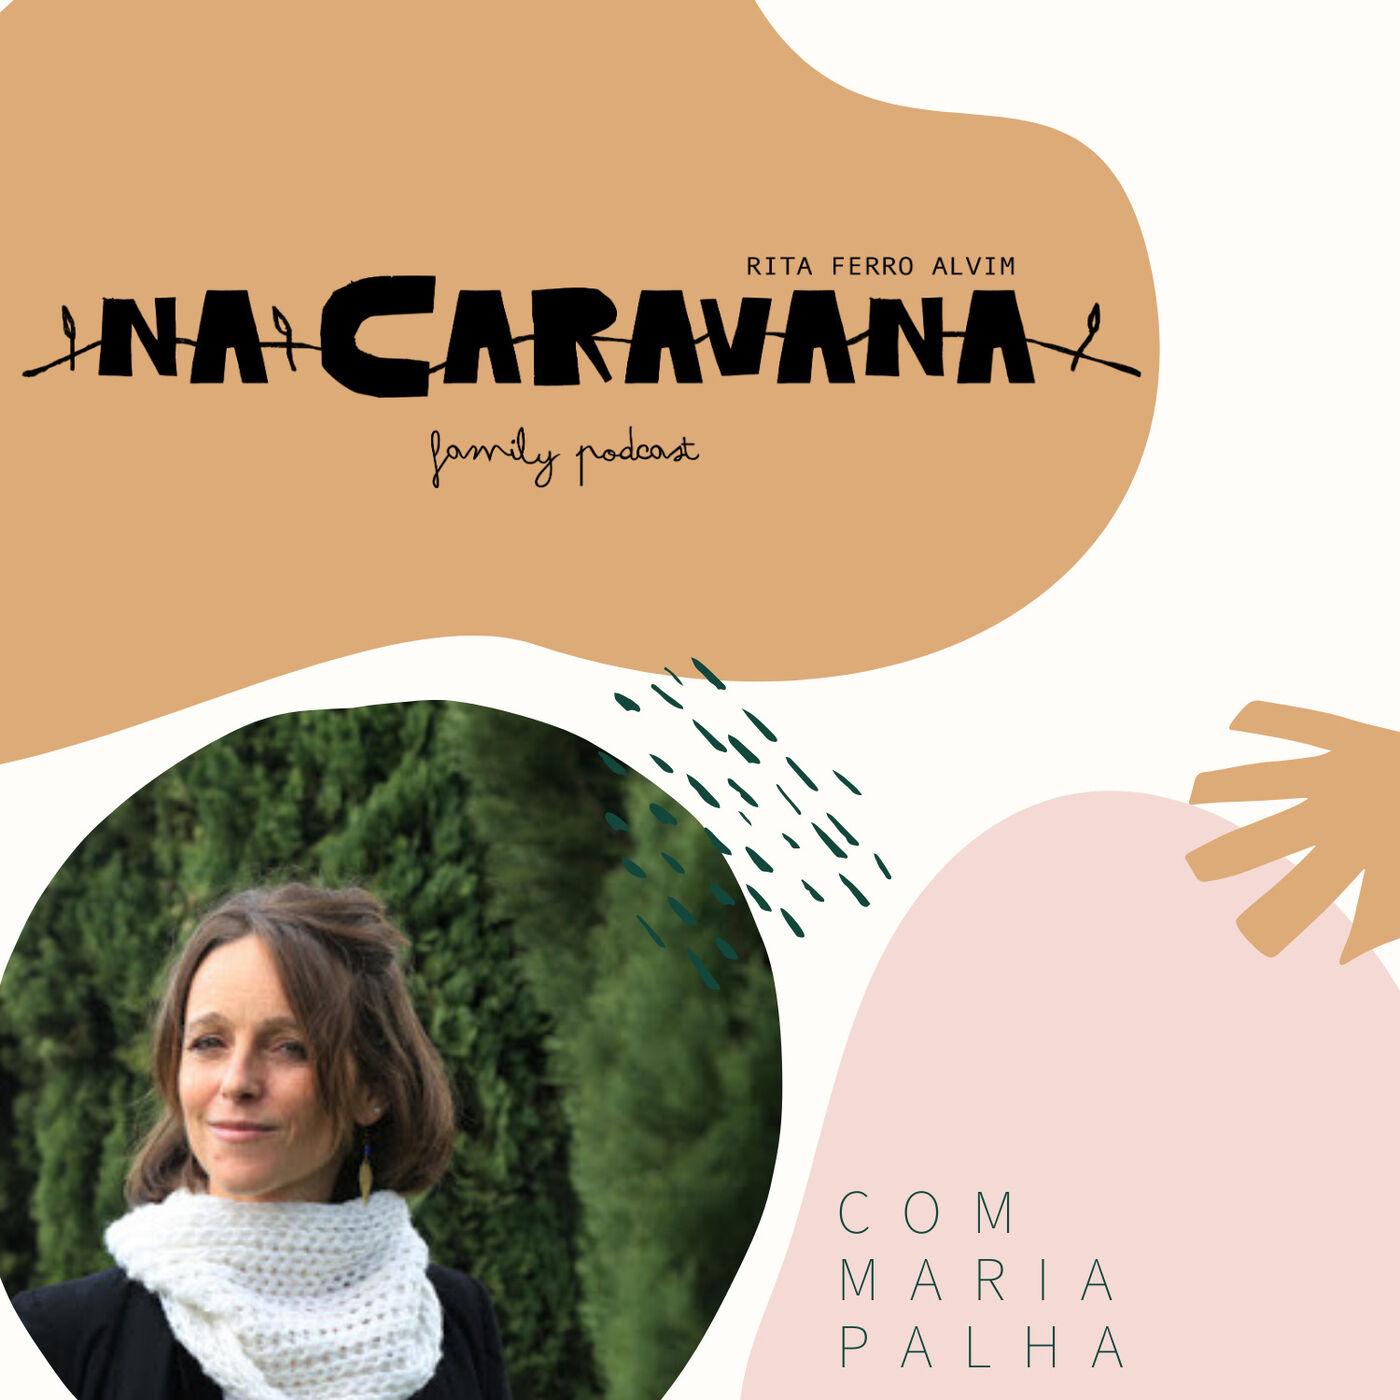 N'A Caravana com Maria Palha #24 Kit saúde emocional para famílias, lidar com a adversidade e perda, crianças e humanidade